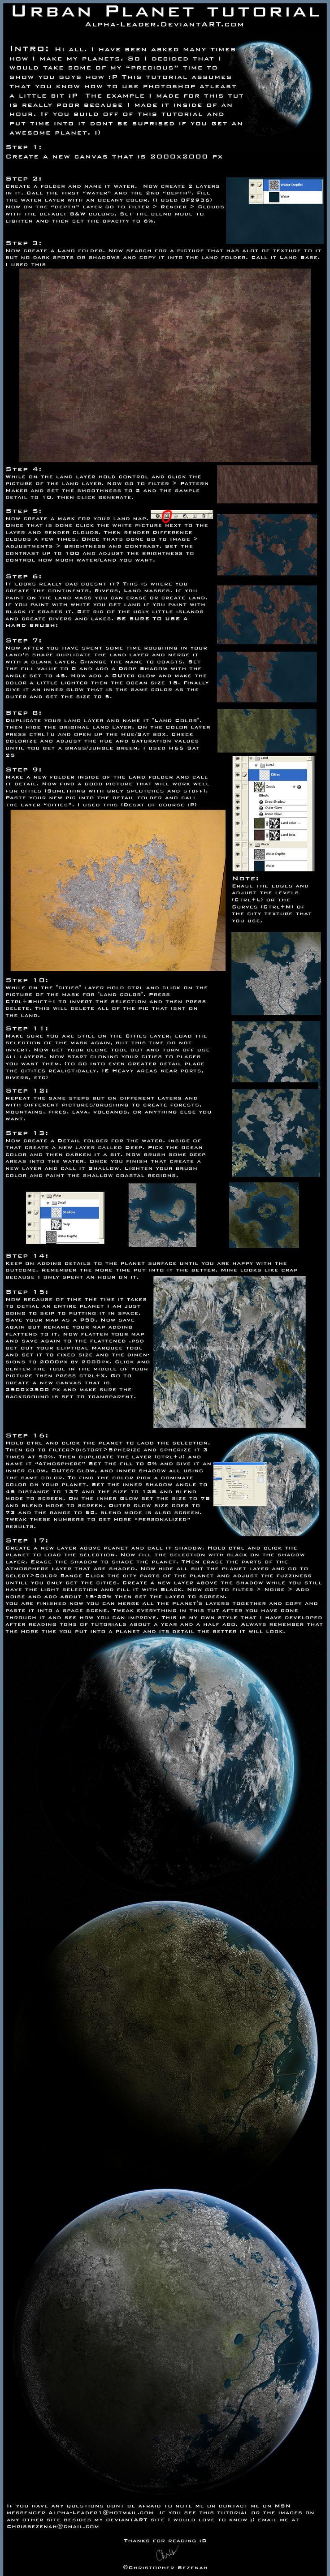 Urban Planet Tutorial by Alpha-Leader.deviantart.com on @DeviantArt